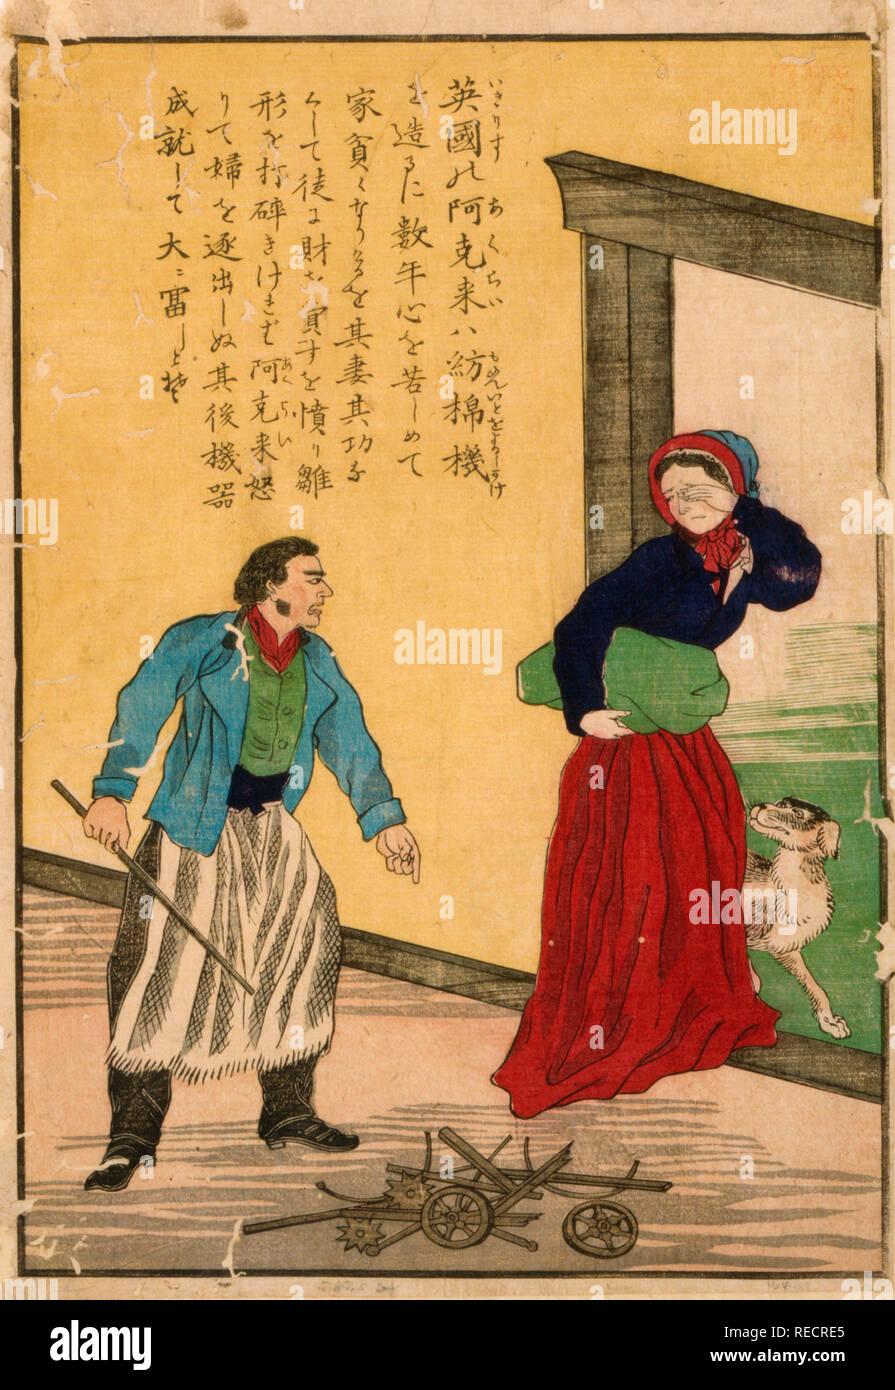 Sir Richard Arkwright, inventor de la máquina giratoria - Impresión japonesa muestra una airada Arkwright enviar a su esposa a sus padres porque ella rompieron deliberadamente su rueda giratoria. Circa 1850 Imagen De Stock